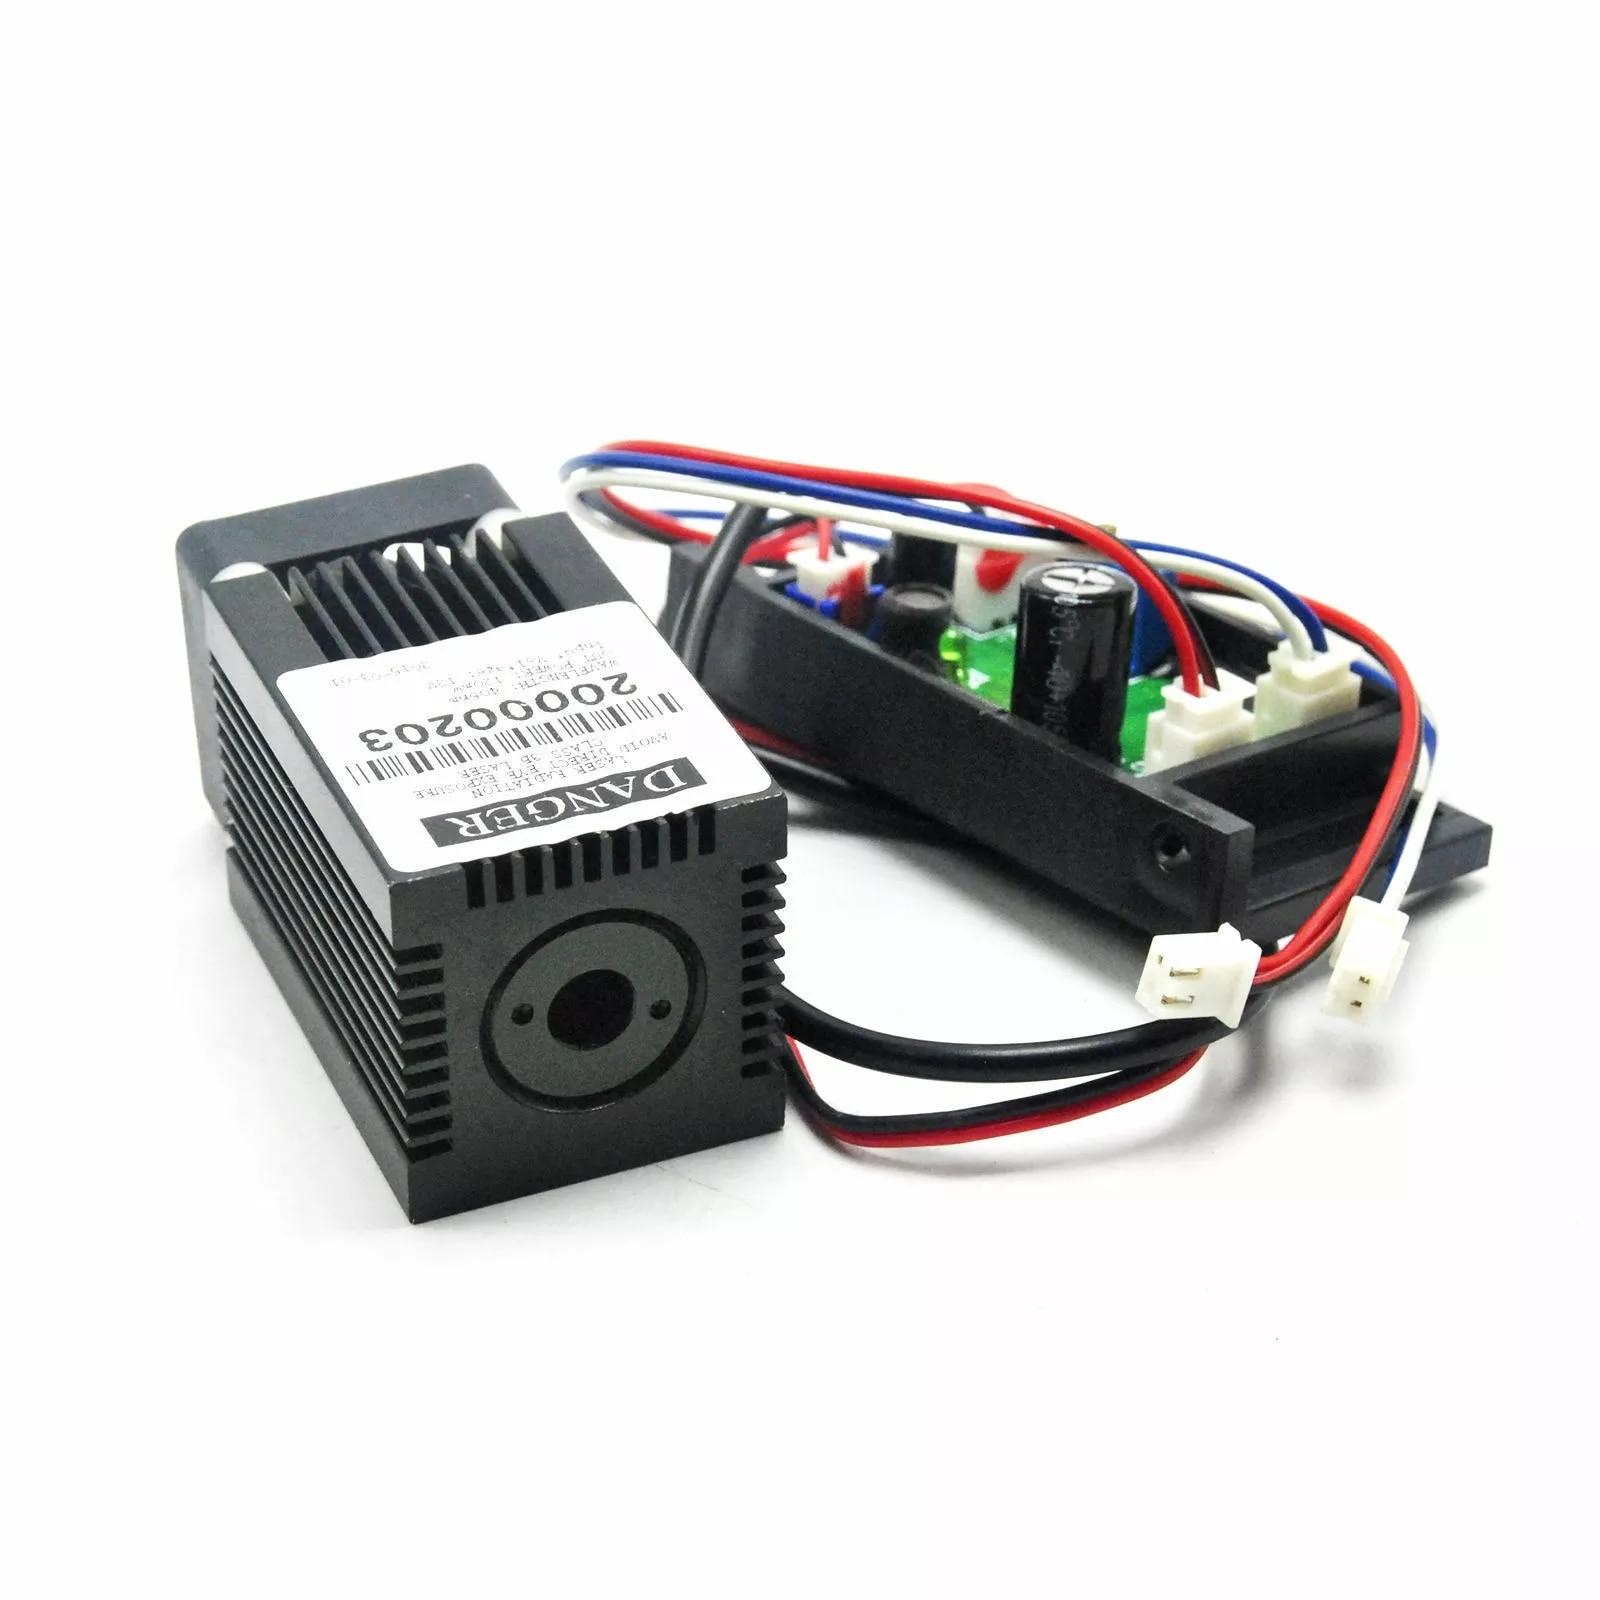 Фокусируемый 450 нм 400 мВт синий лазер 33% 2A50 мм точка точка модуль